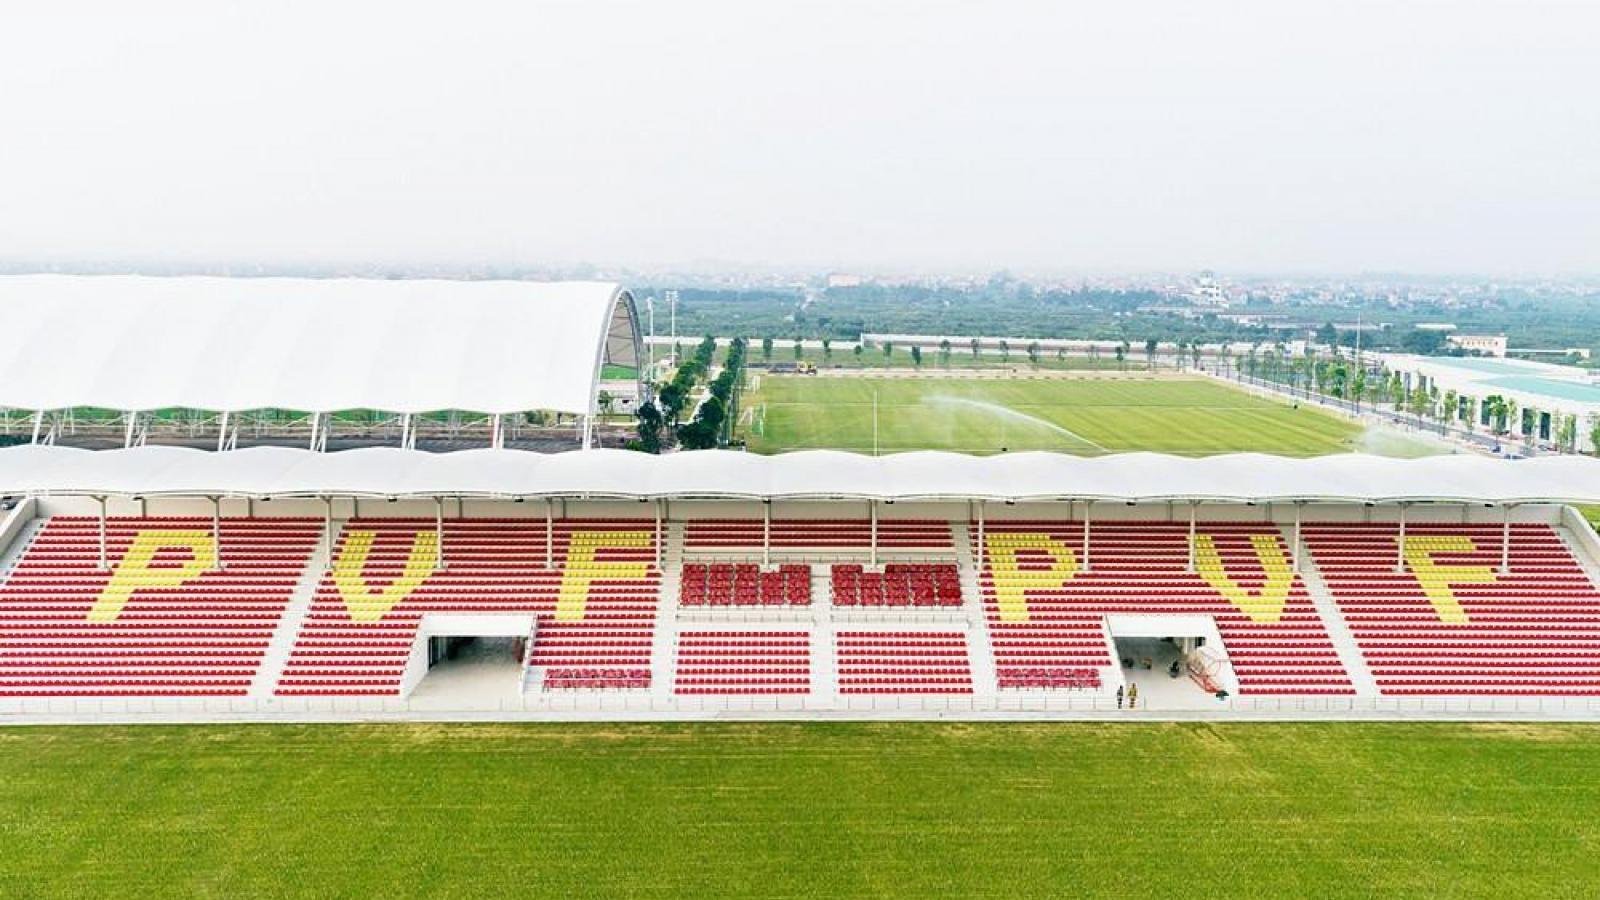 Sân vận động đầu tiên ở Việt Nam mở đón khán giả vào sân sau Covid-19